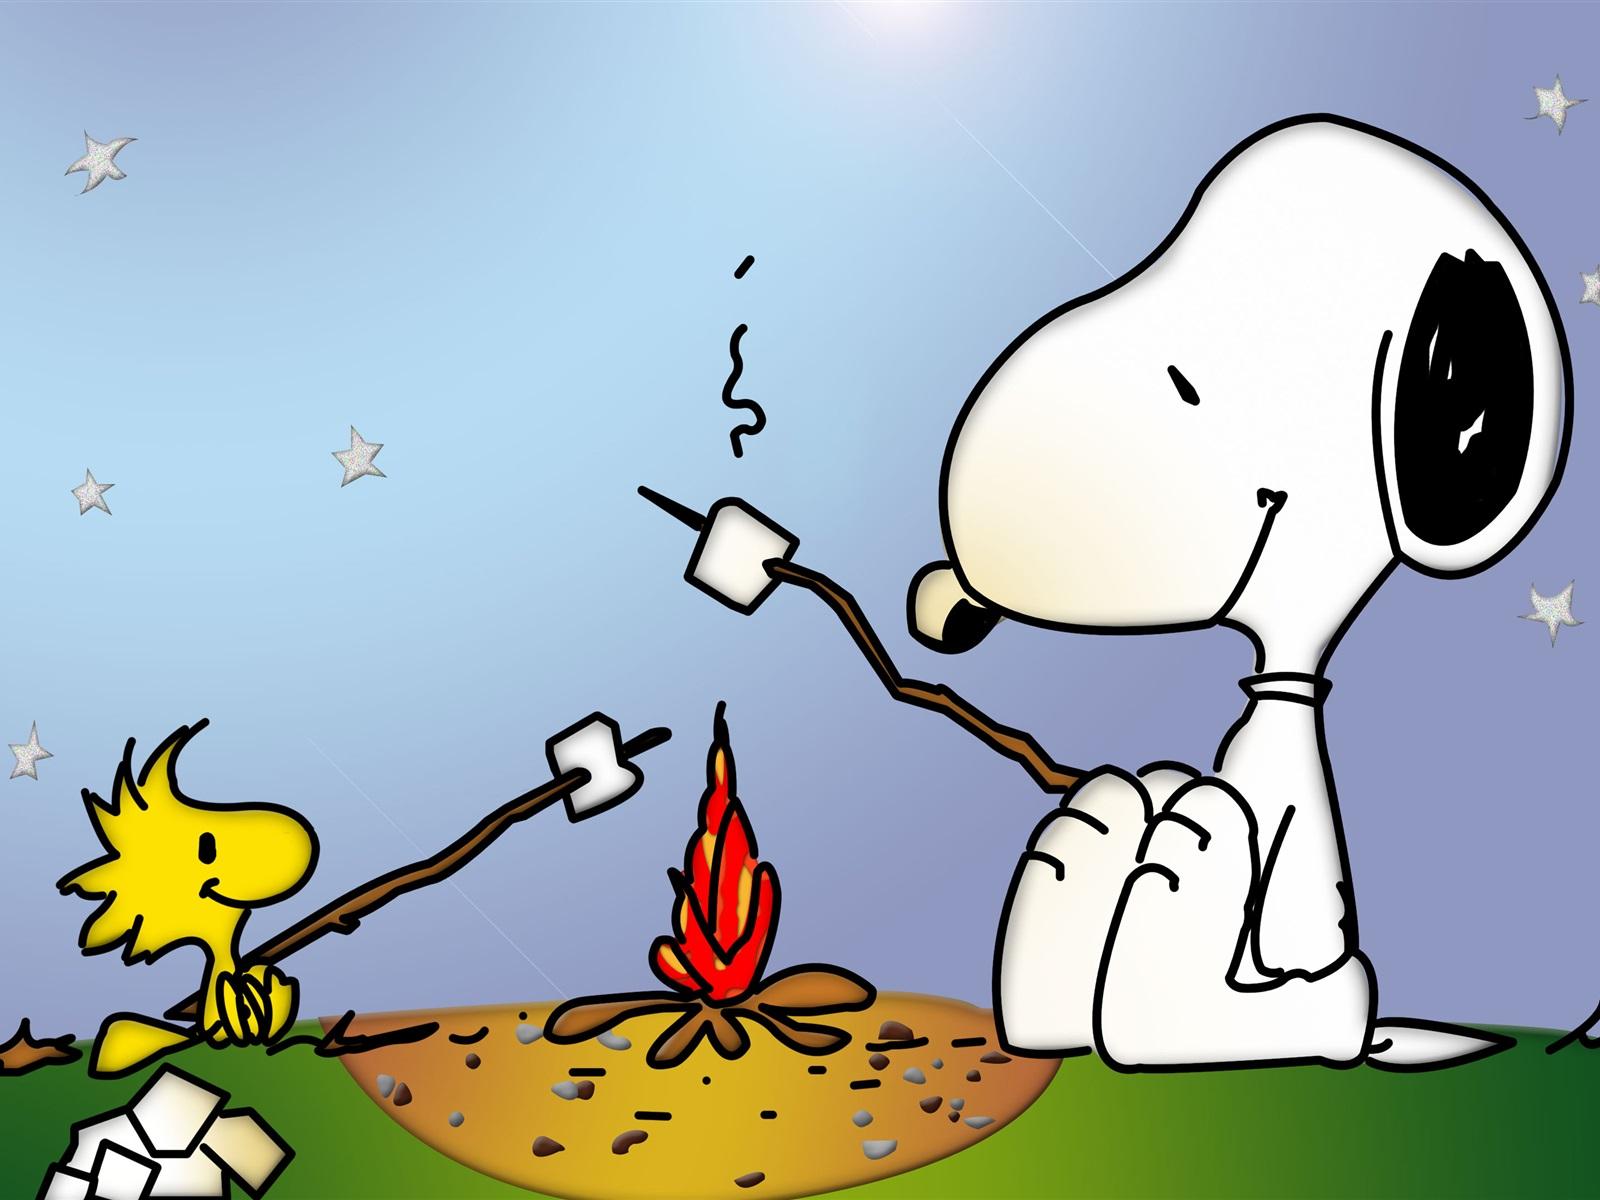 Vogel Von Snoopy : snoopy und kleiner vogel lagerfeuer 2880x1800 hd hintergrundbilder hd bild ~ A.2002-acura-tl-radio.info Haus und Dekorationen